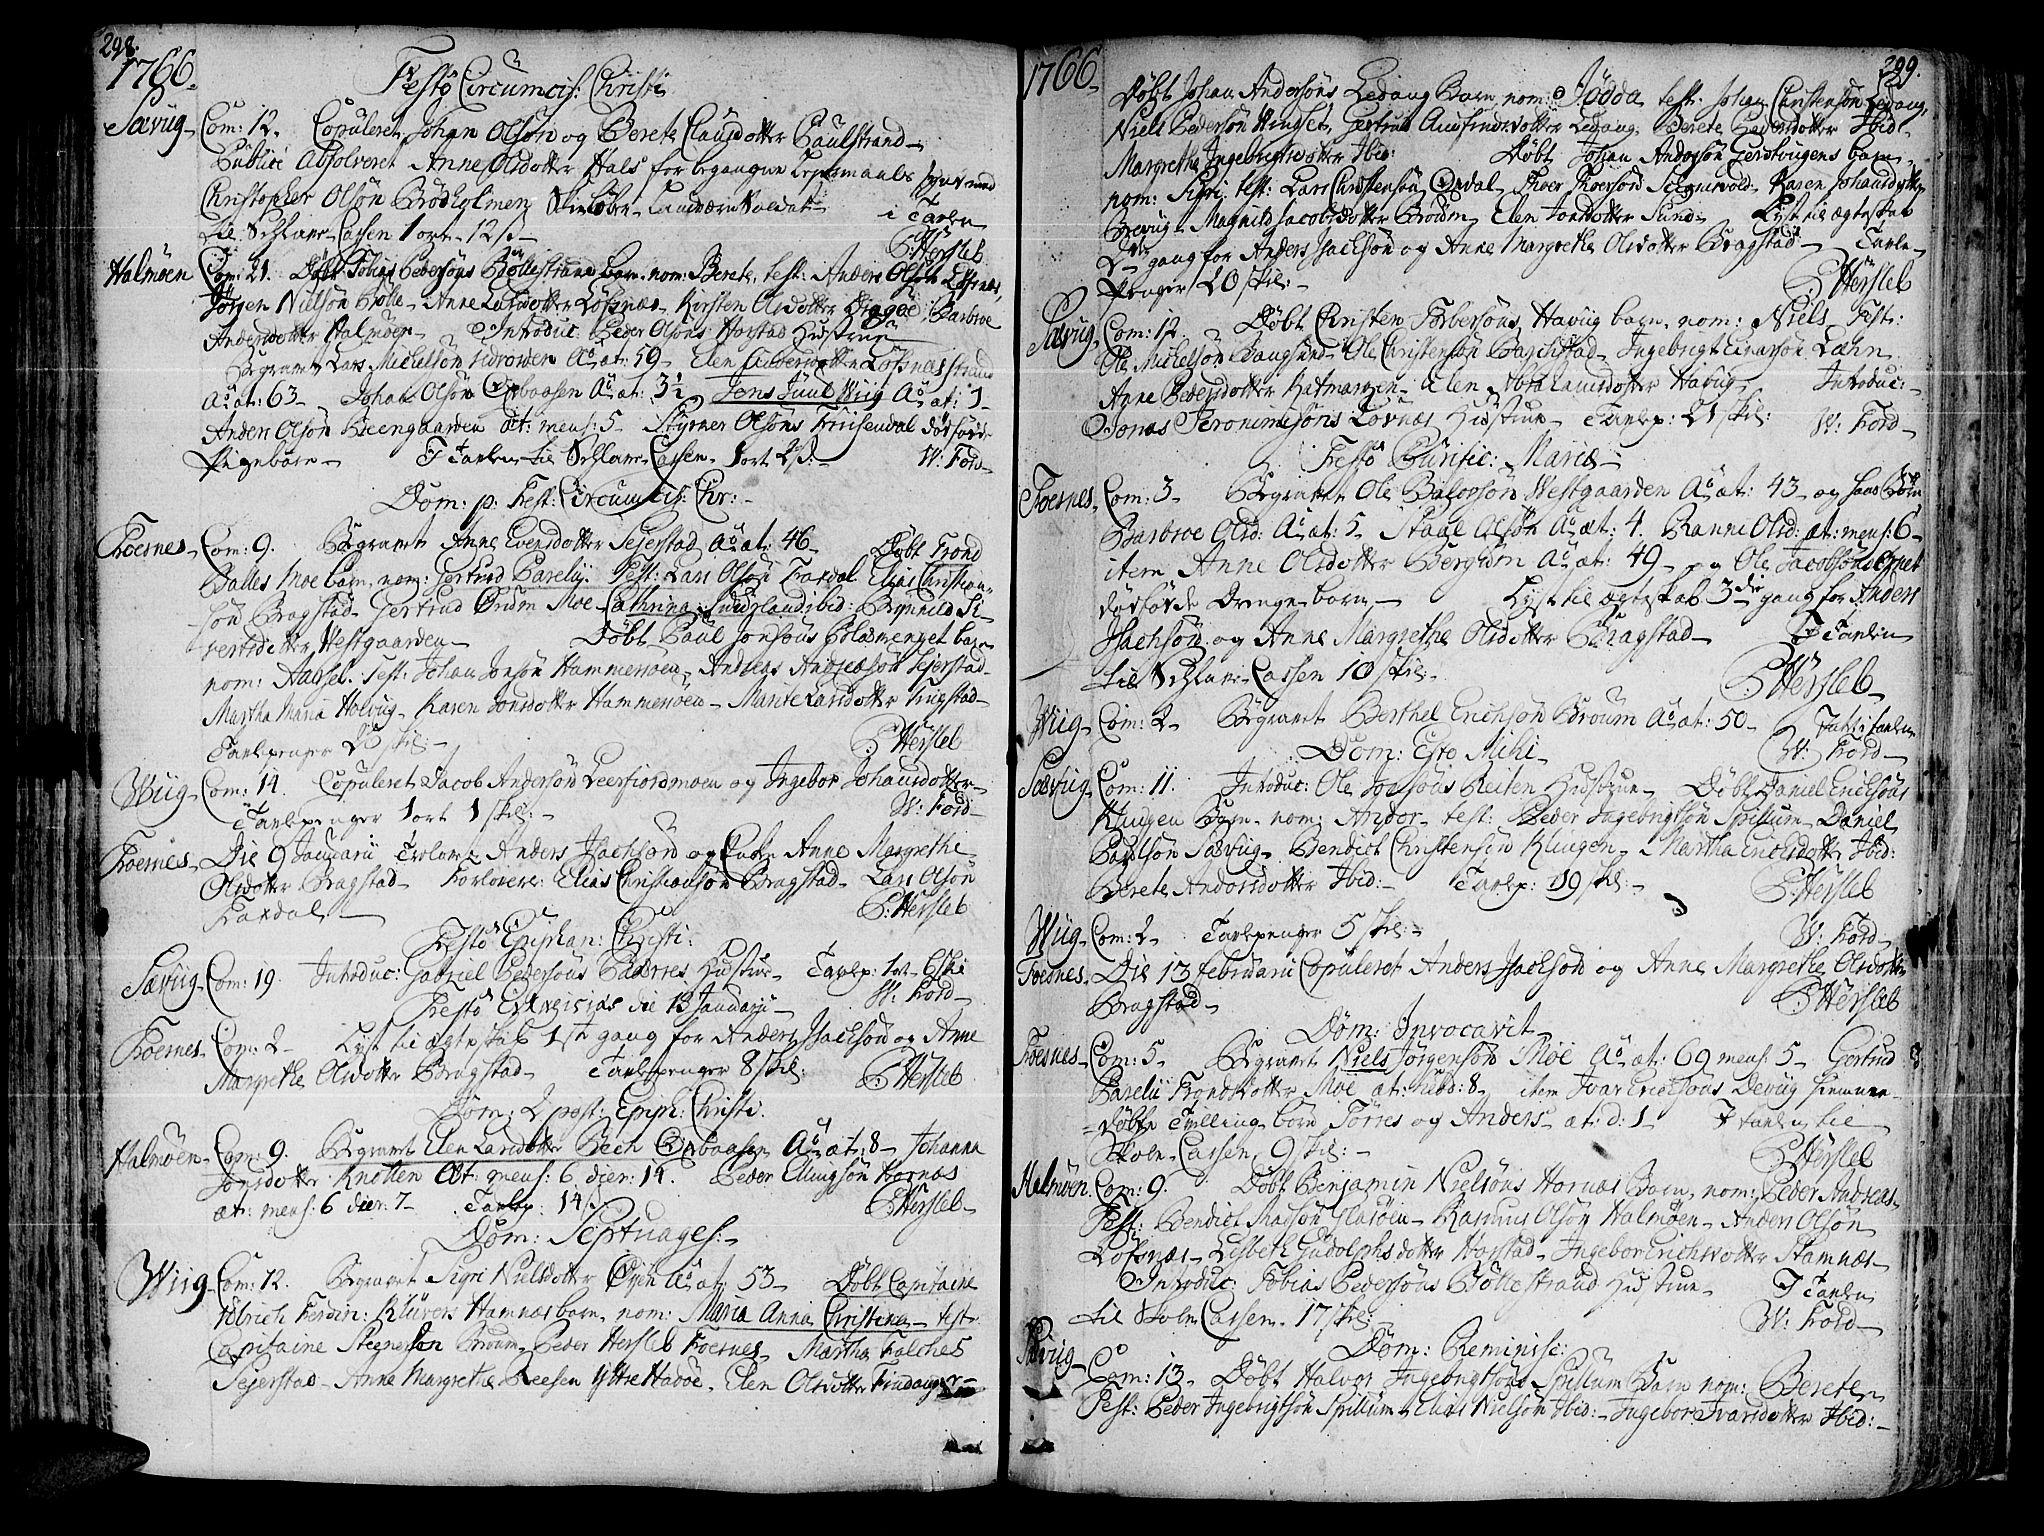 SAT, Ministerialprotokoller, klokkerbøker og fødselsregistre - Nord-Trøndelag, 773/L0607: Ministerialbok nr. 773A01, 1751-1783, s. 298-299